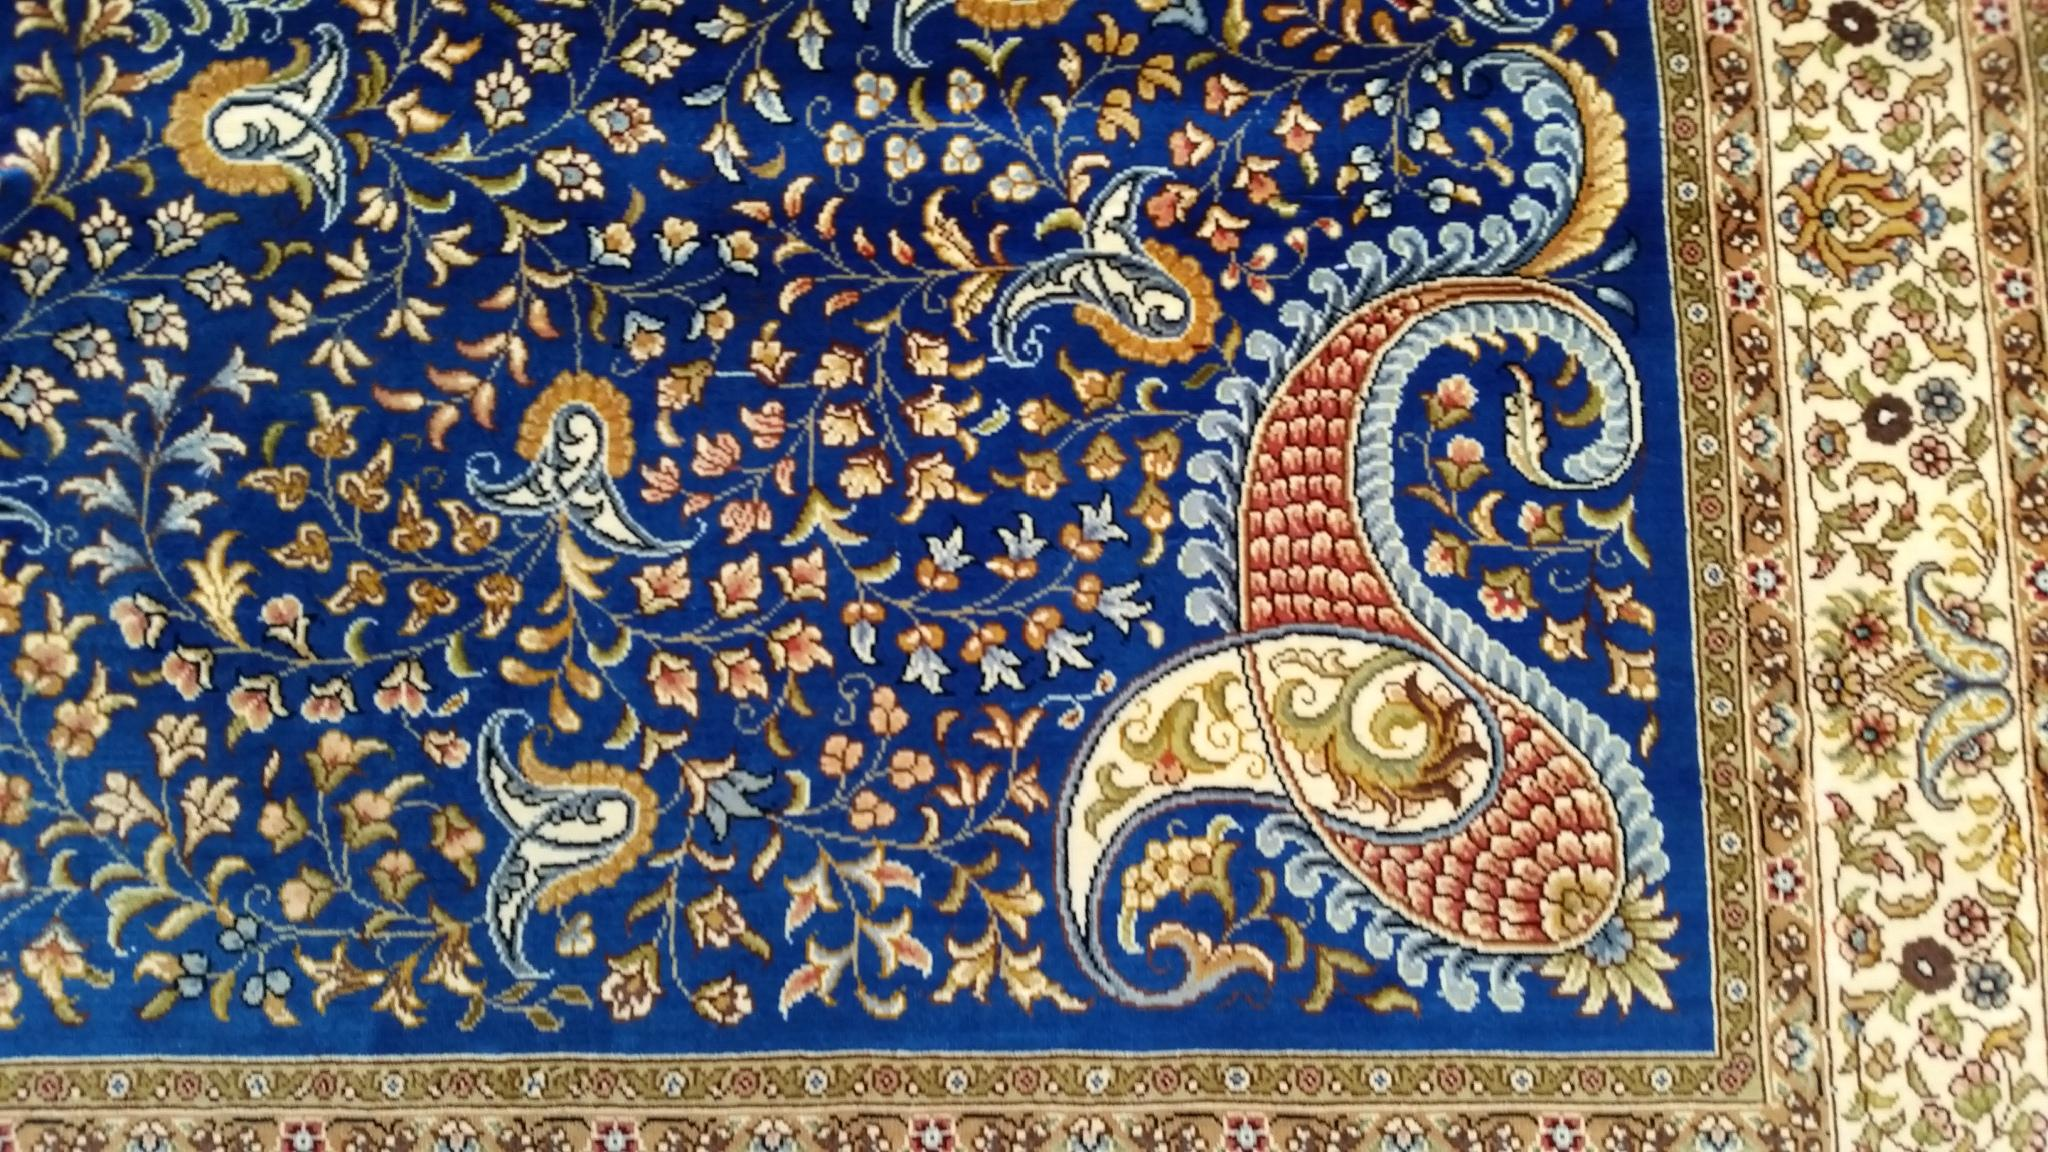 中国广州批发供应客厅波斯地毯,丝绸服装地毯 3